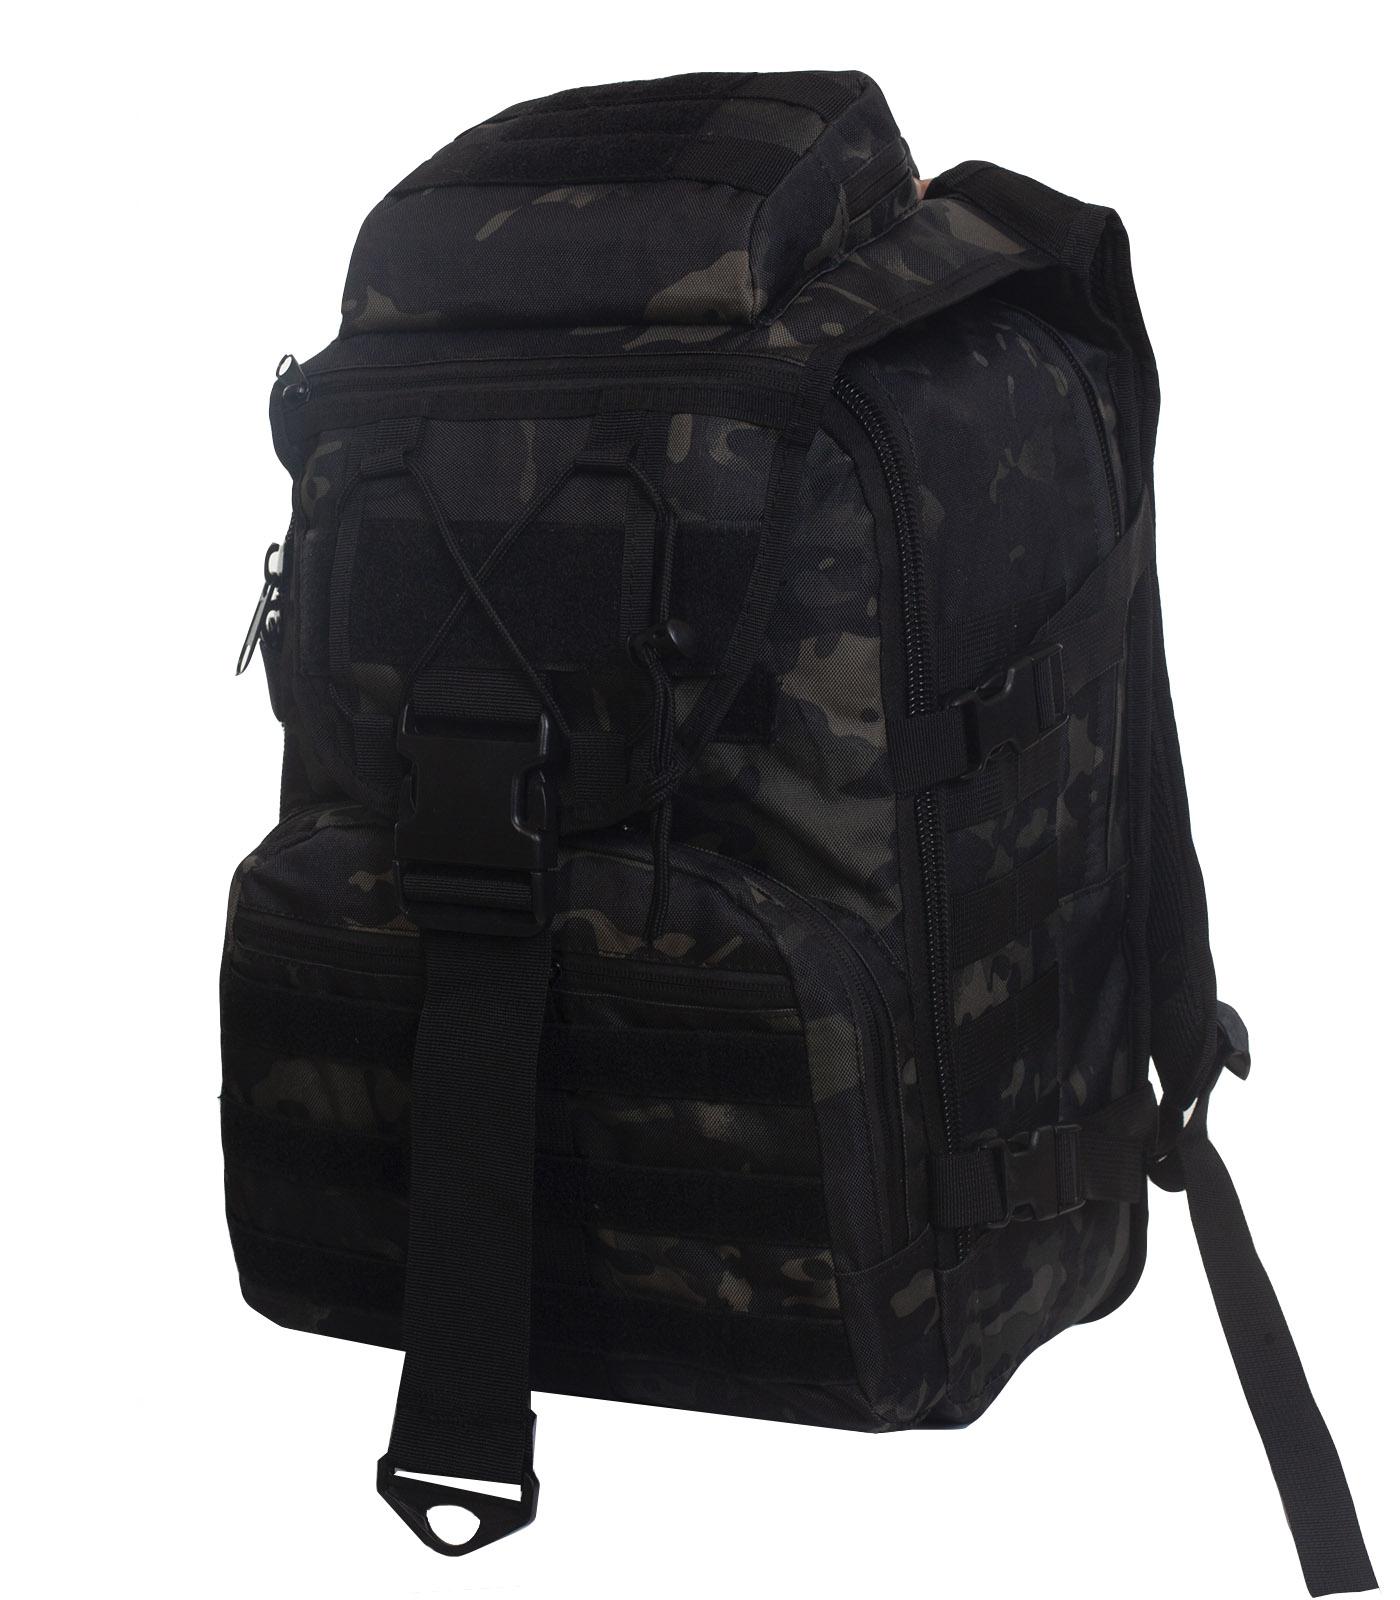 Тактический рюкзак камуфляжа Black Multicam (20 л)